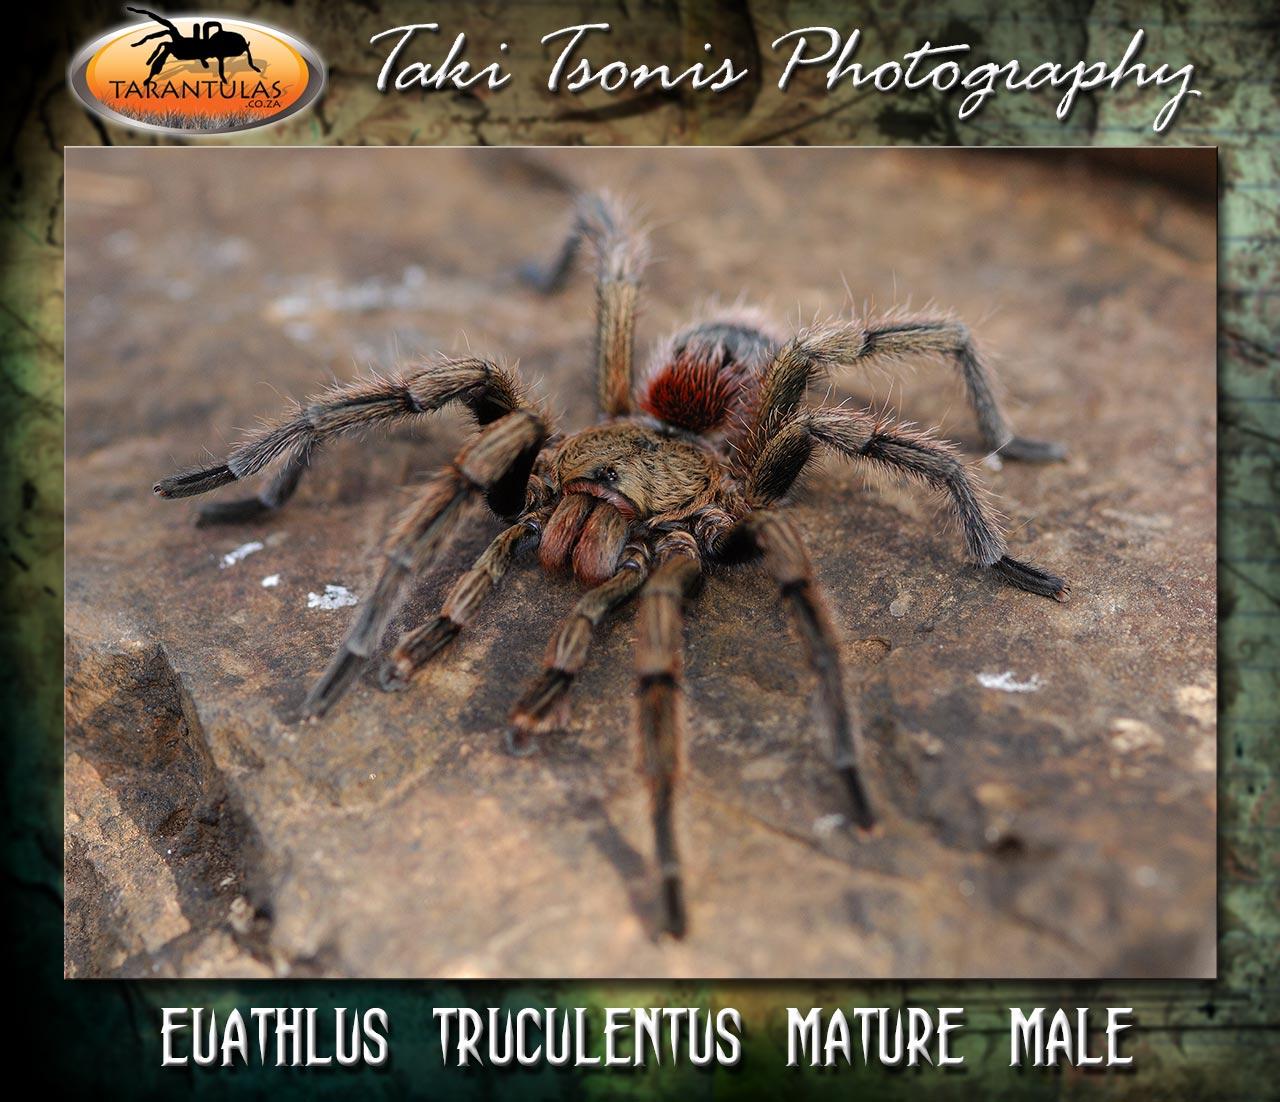 Euathlus truculentus Mature Male